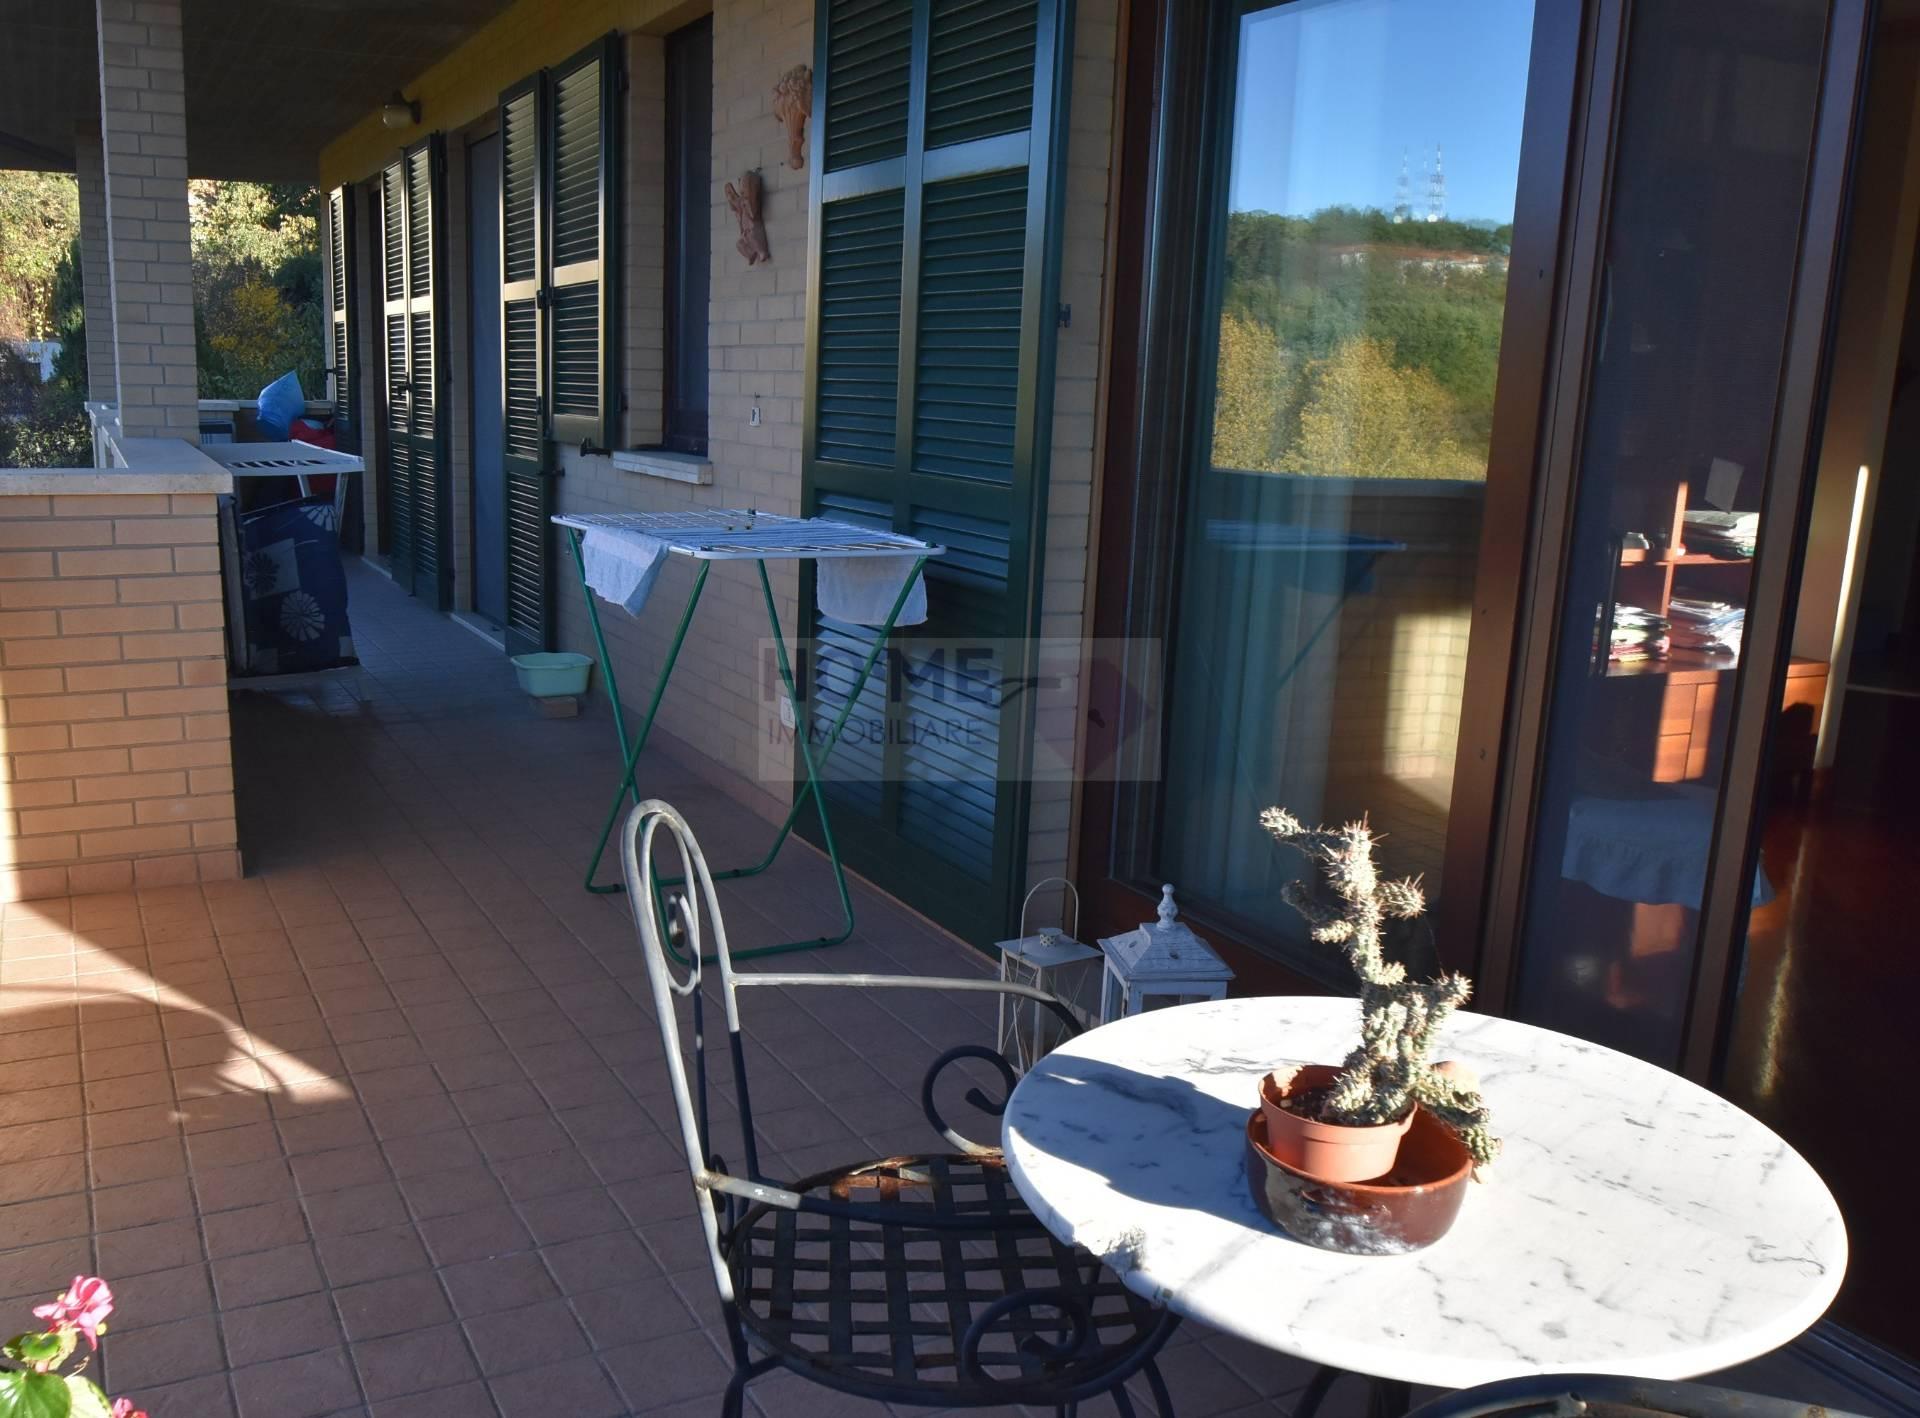 Appartamento in vendita a Macerata, 8 locali, zona Zona: Semicentrale, prezzo € 300.000 | CambioCasa.it